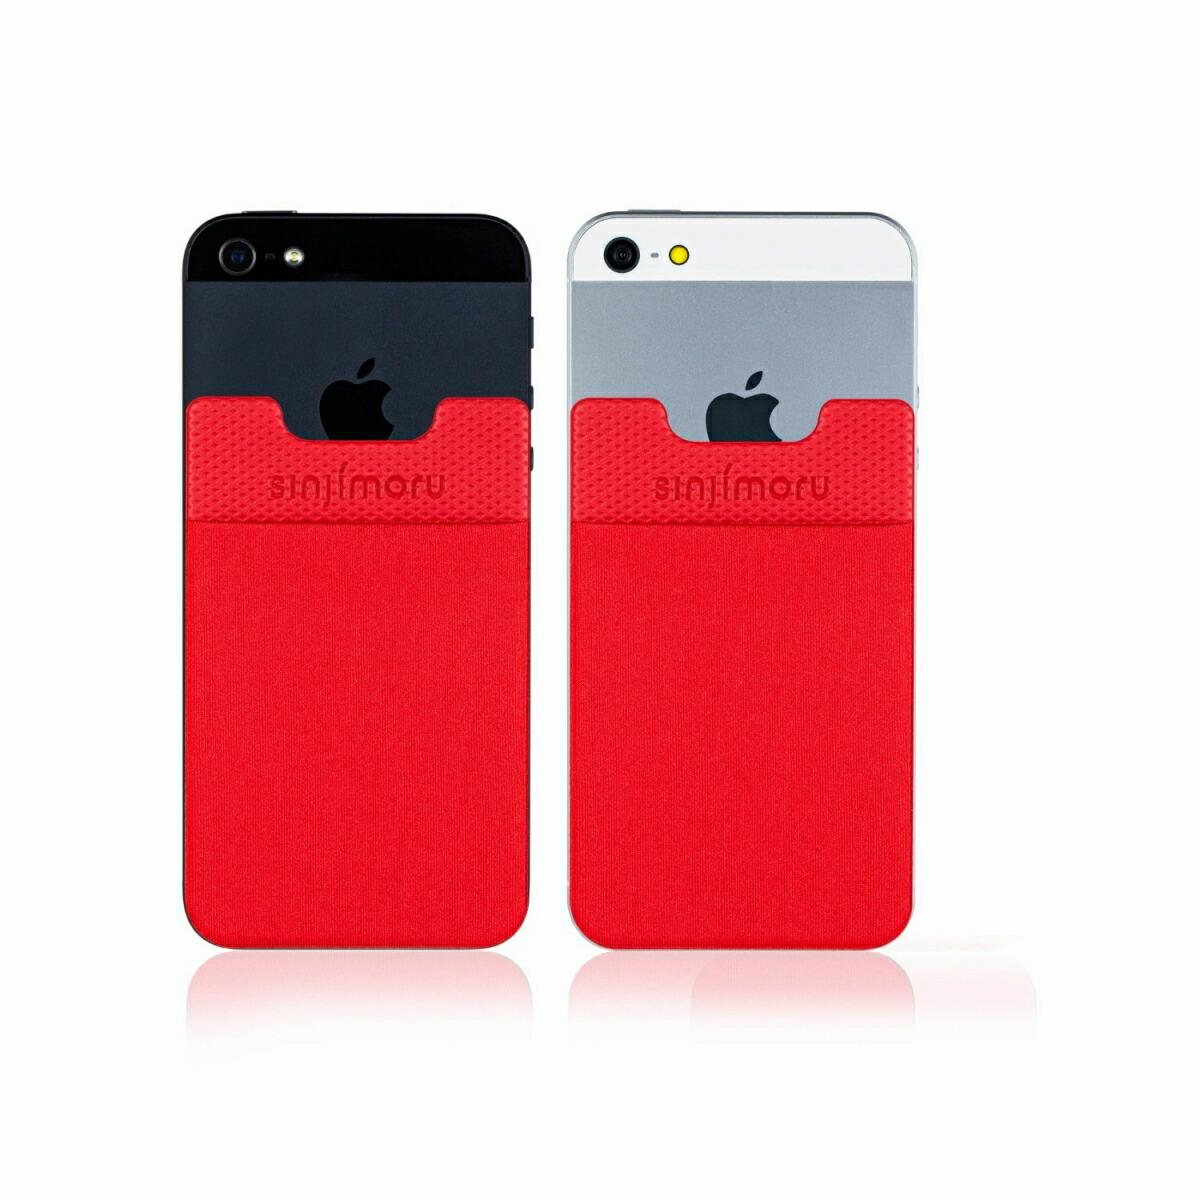 スマートフォンやタブレットなどに貼って剥がせるステッカーブルポケット 送料無料 ROOX ステッカーブルポケット Sinji Pouch Basic2 モデル着用&注目アイテム レッド 好評受付中 スマホアクセ icカード カード アイフォン 収納ポケット アイフォーンスマートフォン iPhone 激安 人気 スマホ 便利 背面ポケット ステッカーポケット 簡単